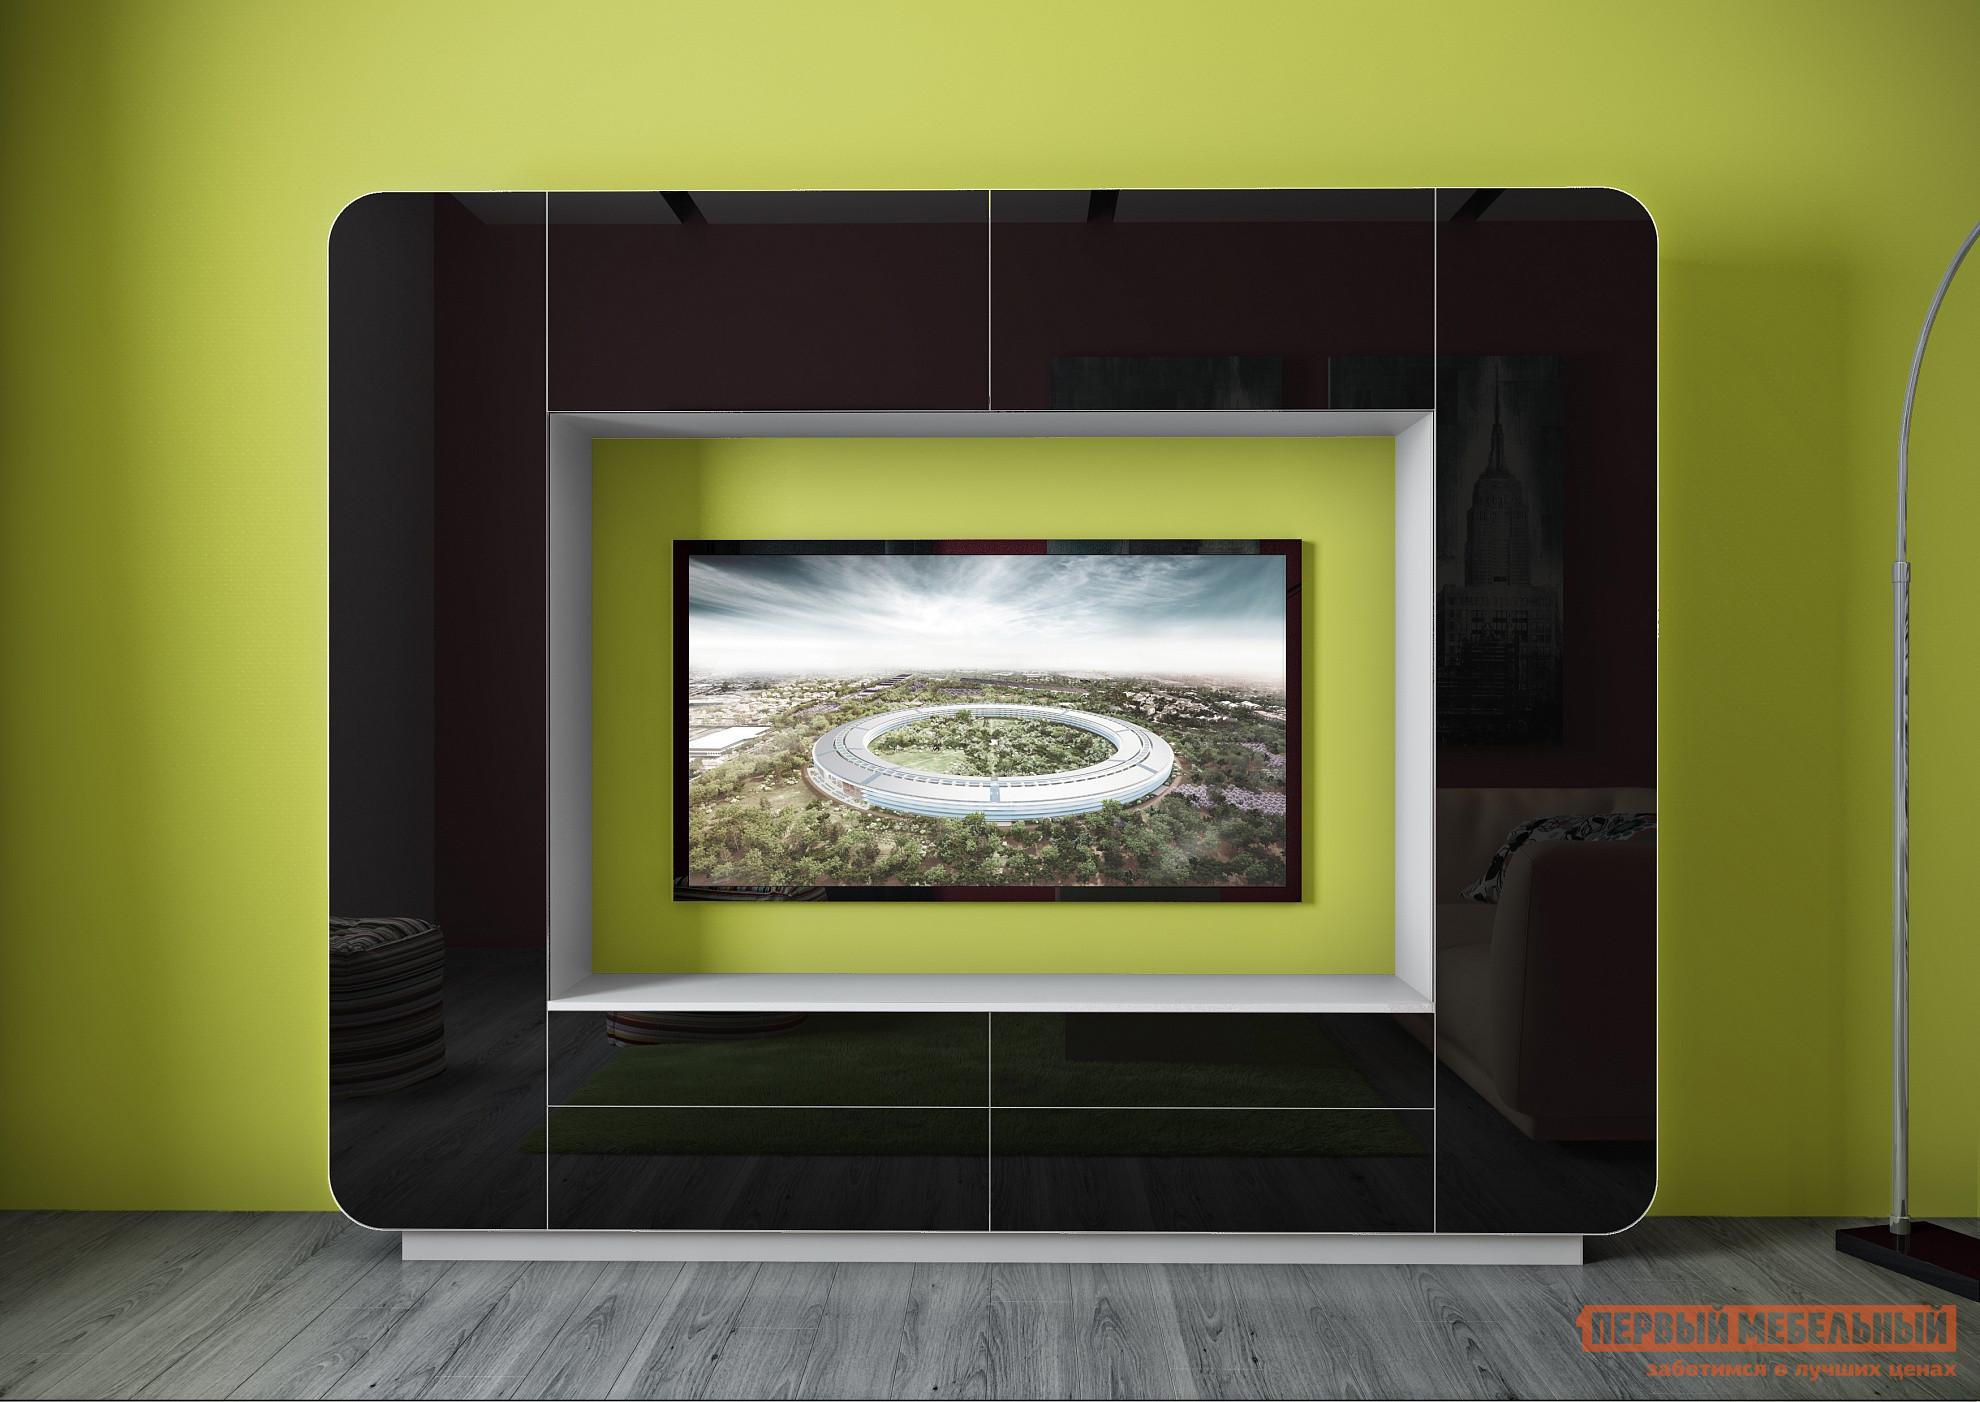 Гостиная ВасКо Купертино 301 Белый глянец / Черный глянец / Белая кромкаСтенки для гостиной<br>Габаритные размеры ВхШхГ 1950x2400x410 мм. Ультрасовременная компактная стенка отлично впишется в современный лаконичный дизайн комнаты.  Не смотря на небольшие размеры модели, гостиная многофункциональна. За широкой рамкой вокруг ниши скрываются шкафчики с полками, в основании есть выдвижные ящики, сверху — закрытые шкафы. Система отрывания — «push to open».  Дверцы шкафчиков открываются путём нажатия на нихРазмер ниши под телевизор — 1600 х 1066 мм. Корпус стенки изготавливается из ЛДСП.  Основу фасадов составляют плиты ламинированного МДФ немецкого производства.  Фасадная часть покрыта полиэфирной пленкой, которая стабилизируется ультрафиолетовым  излучением.  Такое покрытие обладает большой износостойкостью и высокой степенью глянца — более 85 Gloss.<br><br>Цвет: Белый глянец / Черный глянец / Белая кромка<br>Цвет: Черный<br>Цвет: Черно-белый<br>Высота мм: 1950<br>Ширина мм: 2400<br>Глубина мм: 410<br>Кол-во упаковок: 5<br>Форма поставки: В разобранном виде<br>Срок гарантии: 24 месяца<br>Характеристика: Немодульные<br>Материал: Деревянные, из ЛДСП, из МДФ<br>Размер: Маленькие<br>Особенности: Со шкафом, Глянцевые, С местом под ТВ<br>Стиль: Современный, Хай-тек